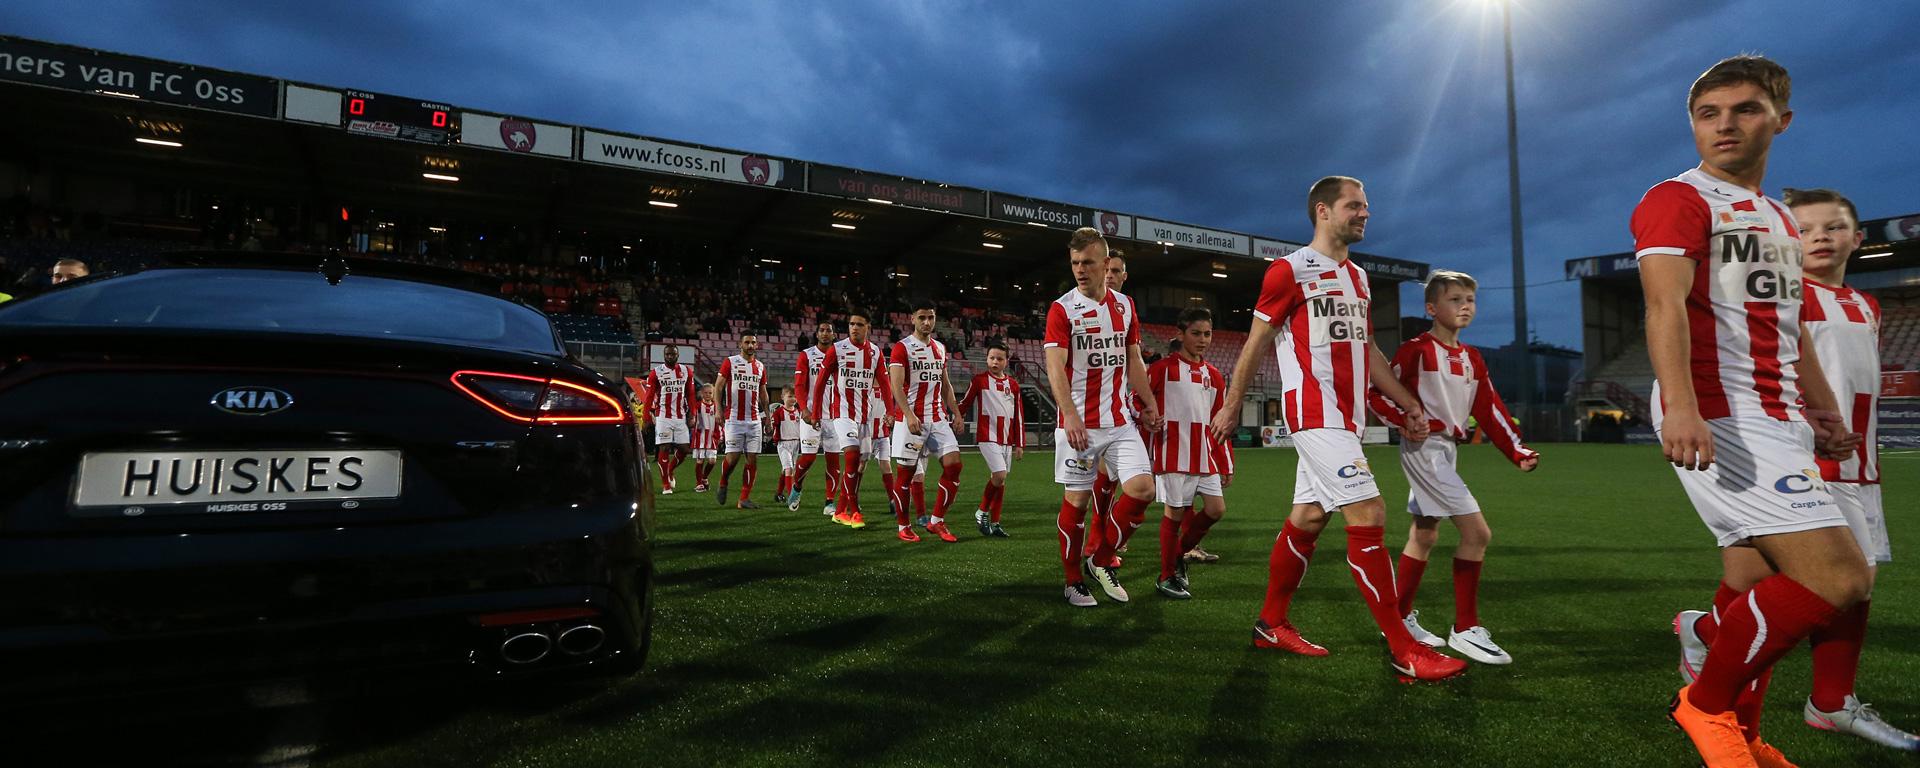 Autobedrijf Huiskes is wedstrijdsponsor tegen FC Twente